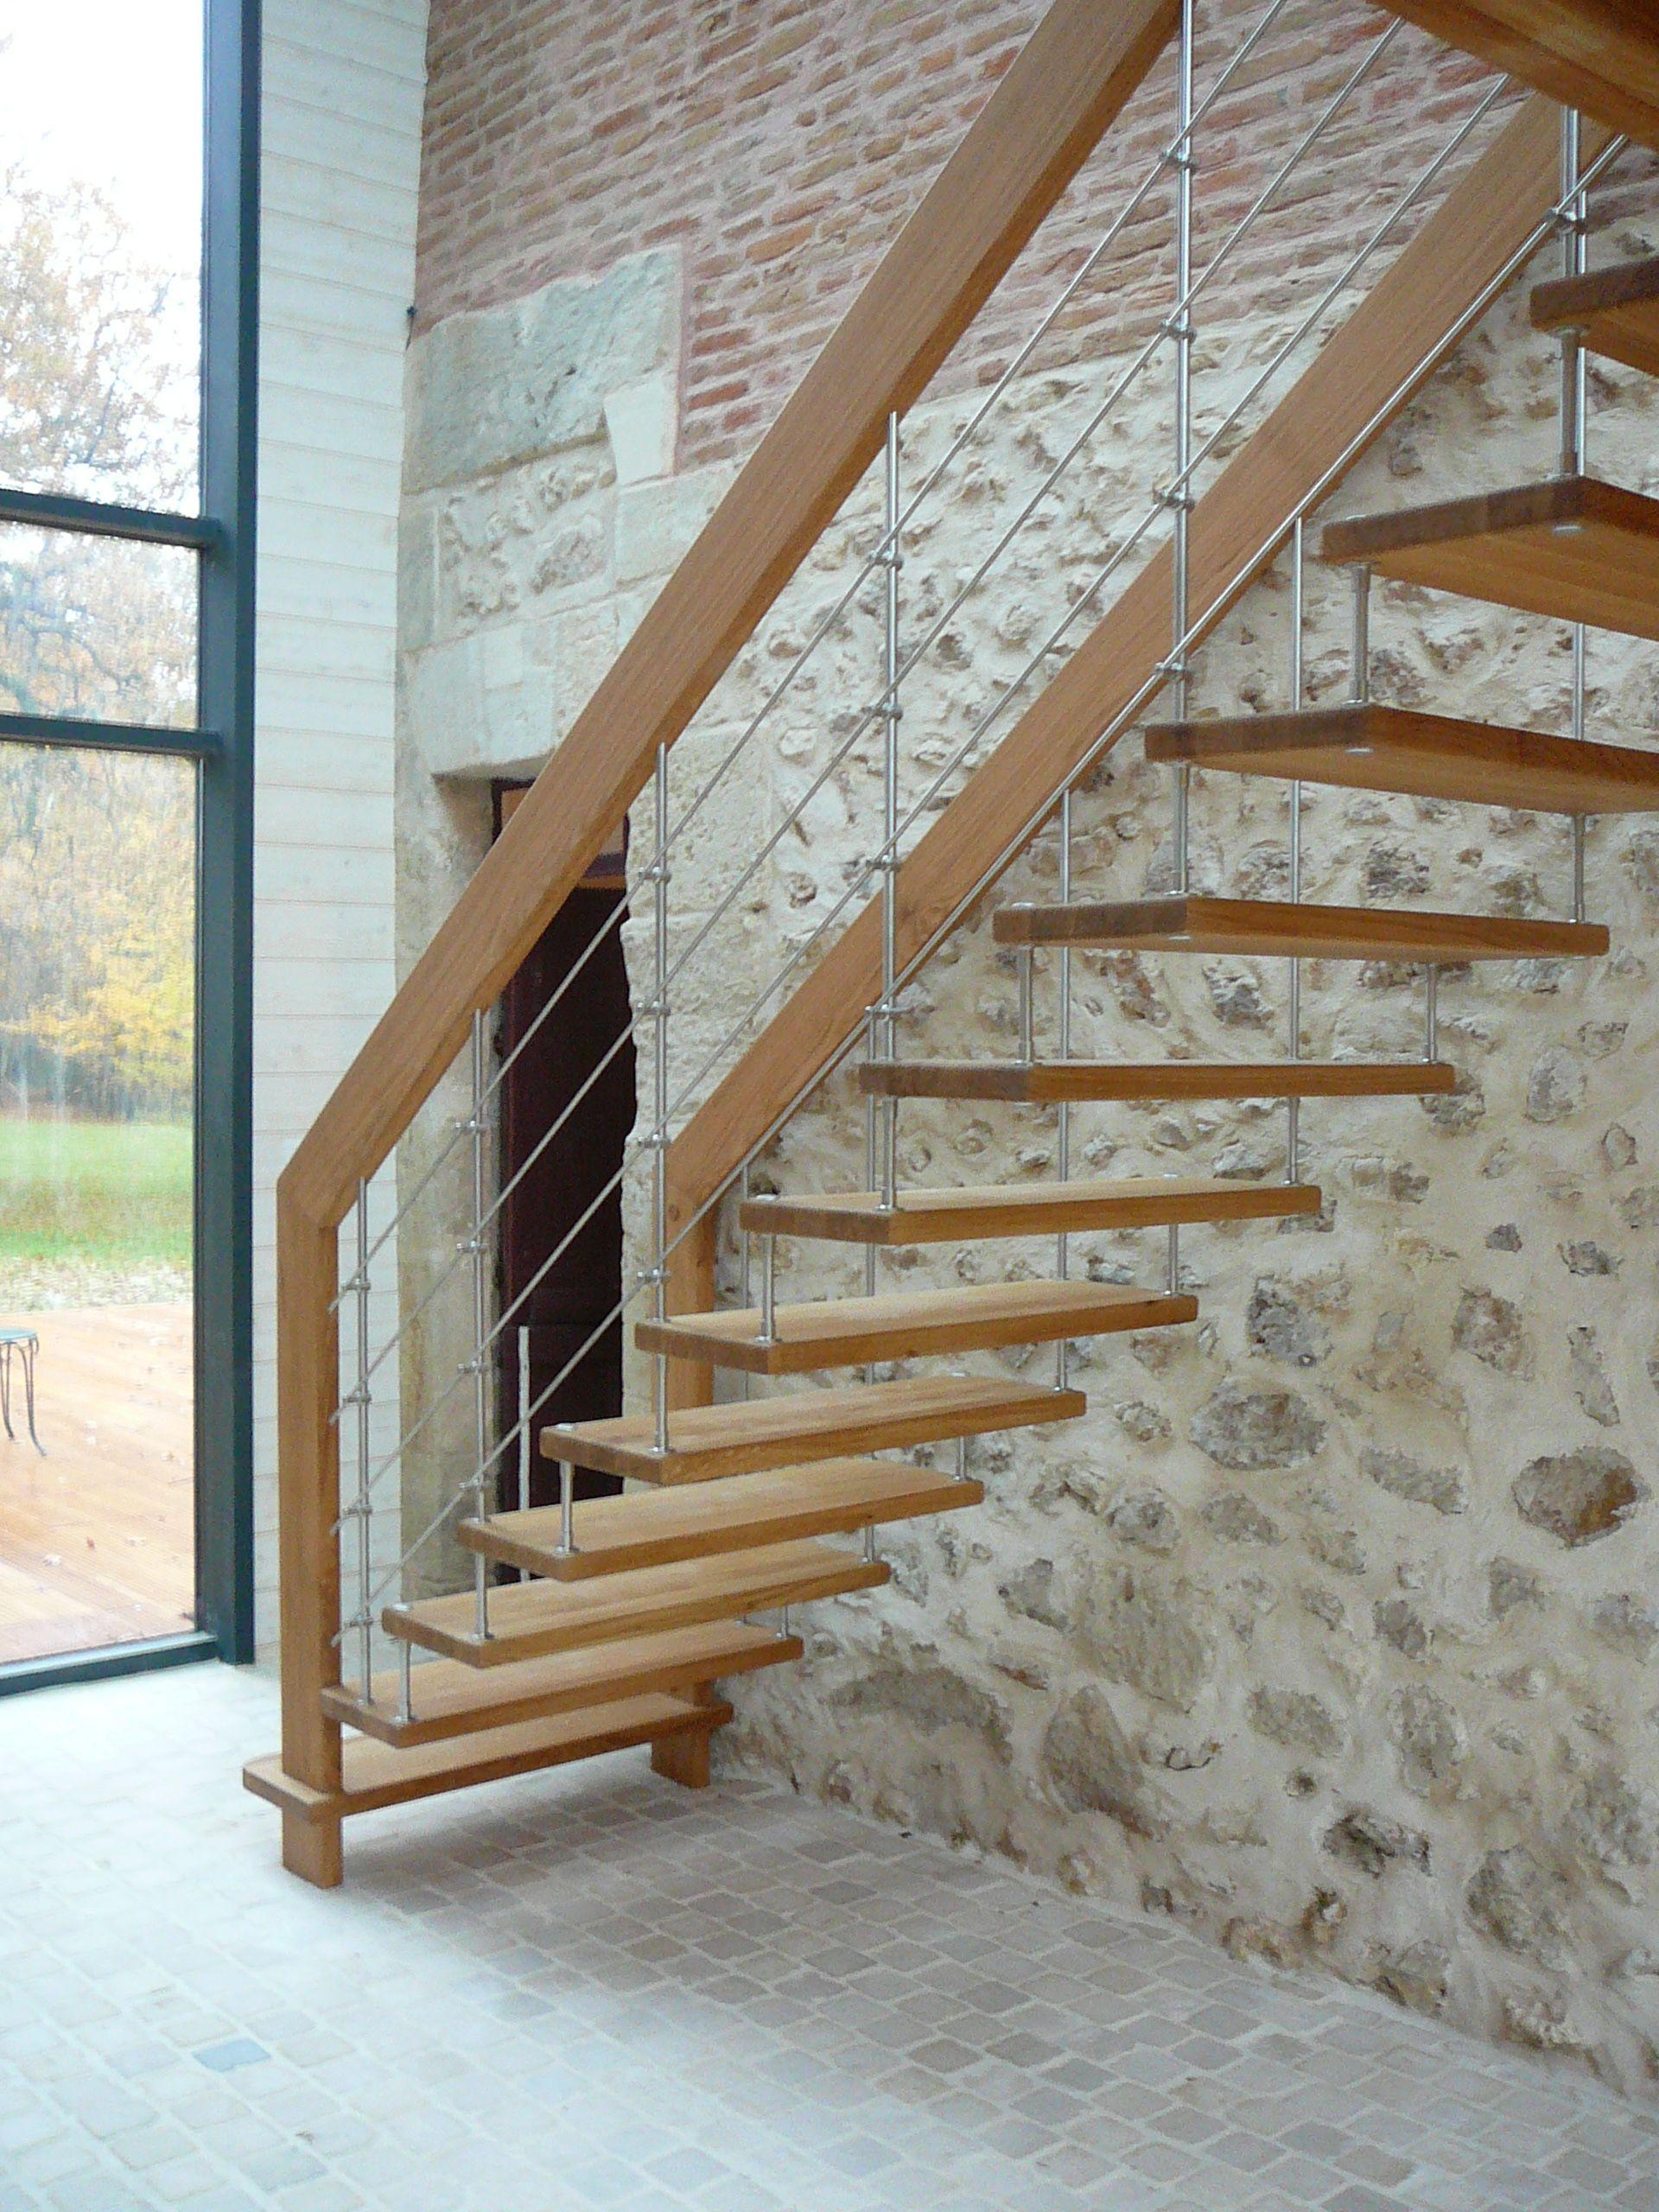 Escalier Marches Suspendues Mur escalier à marches suspendues nova r6 en hêtre sur mur en